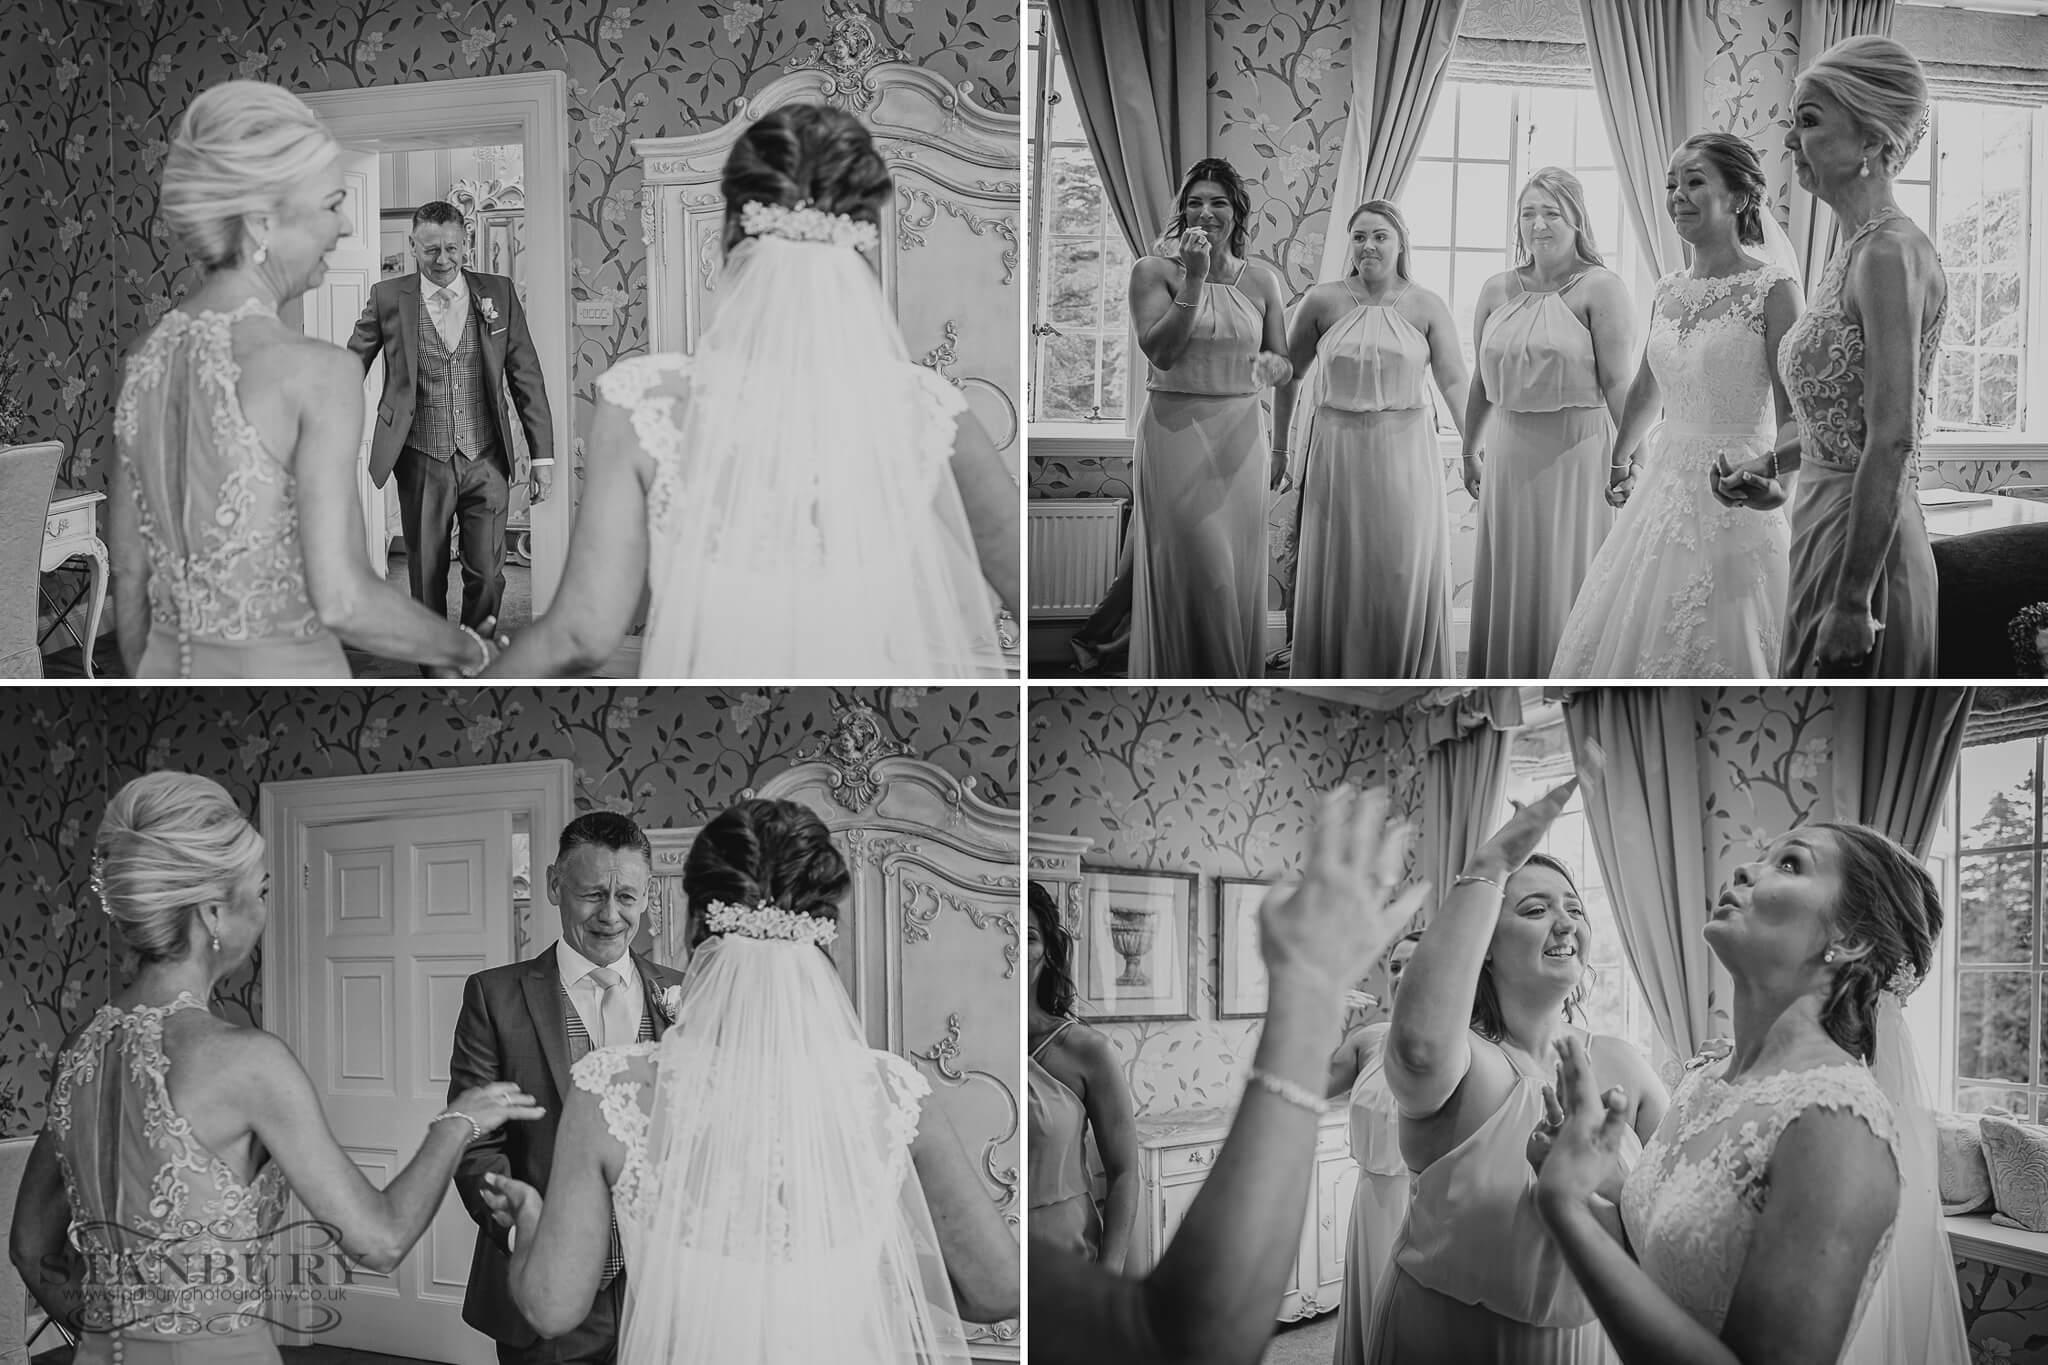 eaves-hall-wedding-photography-008